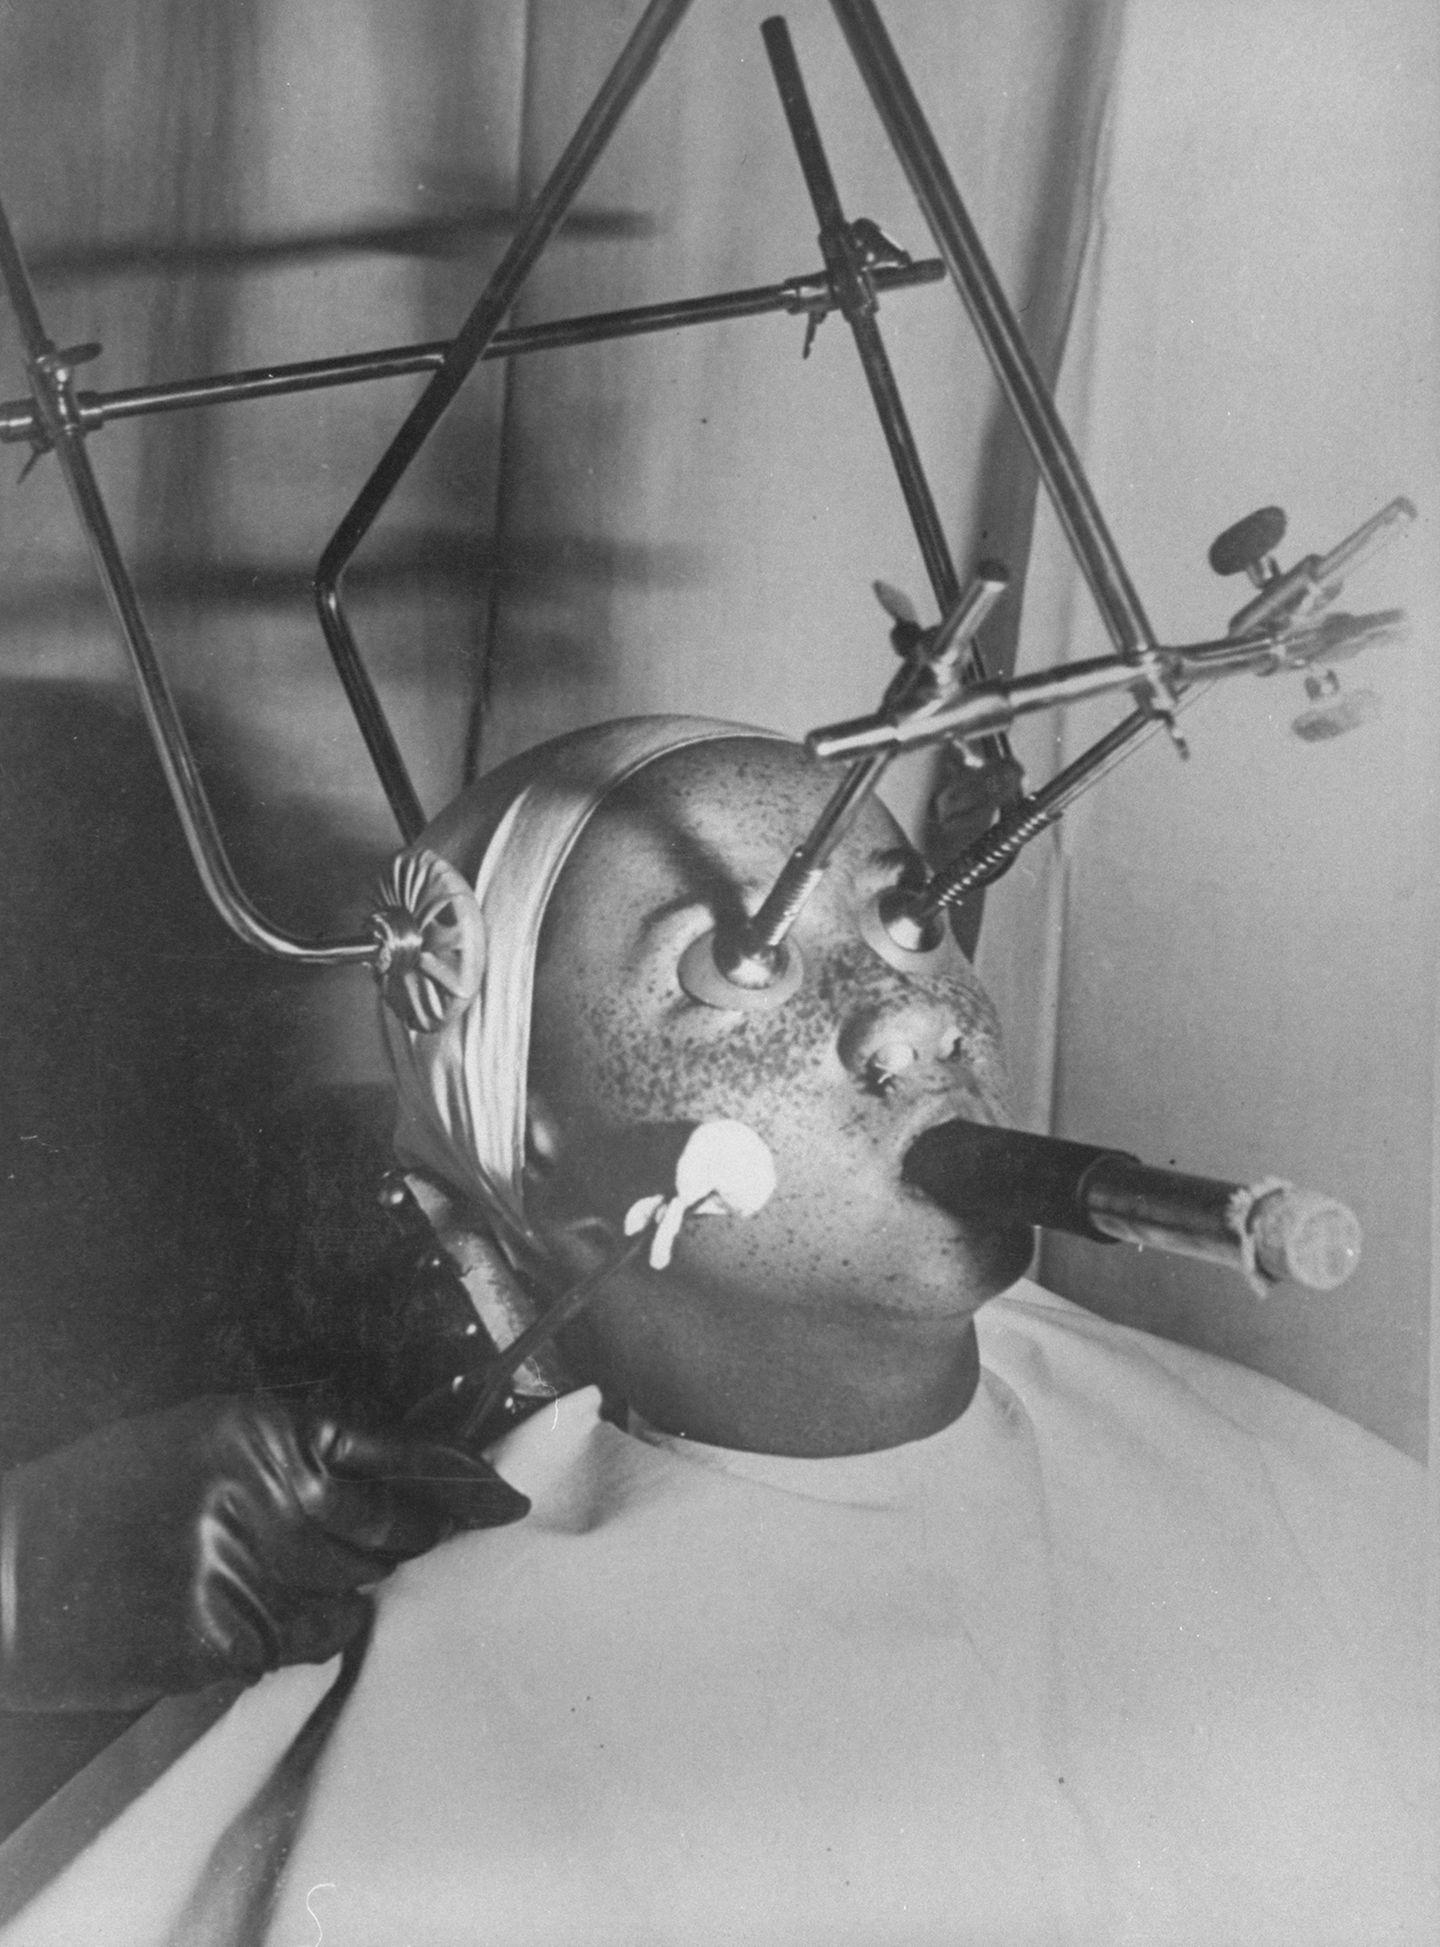 Sommersprossen gelten heute als niedlich. Um 1930 nahmen Frauen jedoch einiges auf sich, um die Punkte im Gesichts loszuwerden. Das Bild zeigt eine Apparatur zum Entfernen der bräunlichen Flecken.    Patienten bekommen im Vorfeld der Behandlung einen luftdichten Augenschutz aufgesetzt, die Nasenlöcher werden abgedichtet und die Patienten müssen durch eine speziellen Schlauch atmen. Dann beginnt die eigentliche Behandlung.